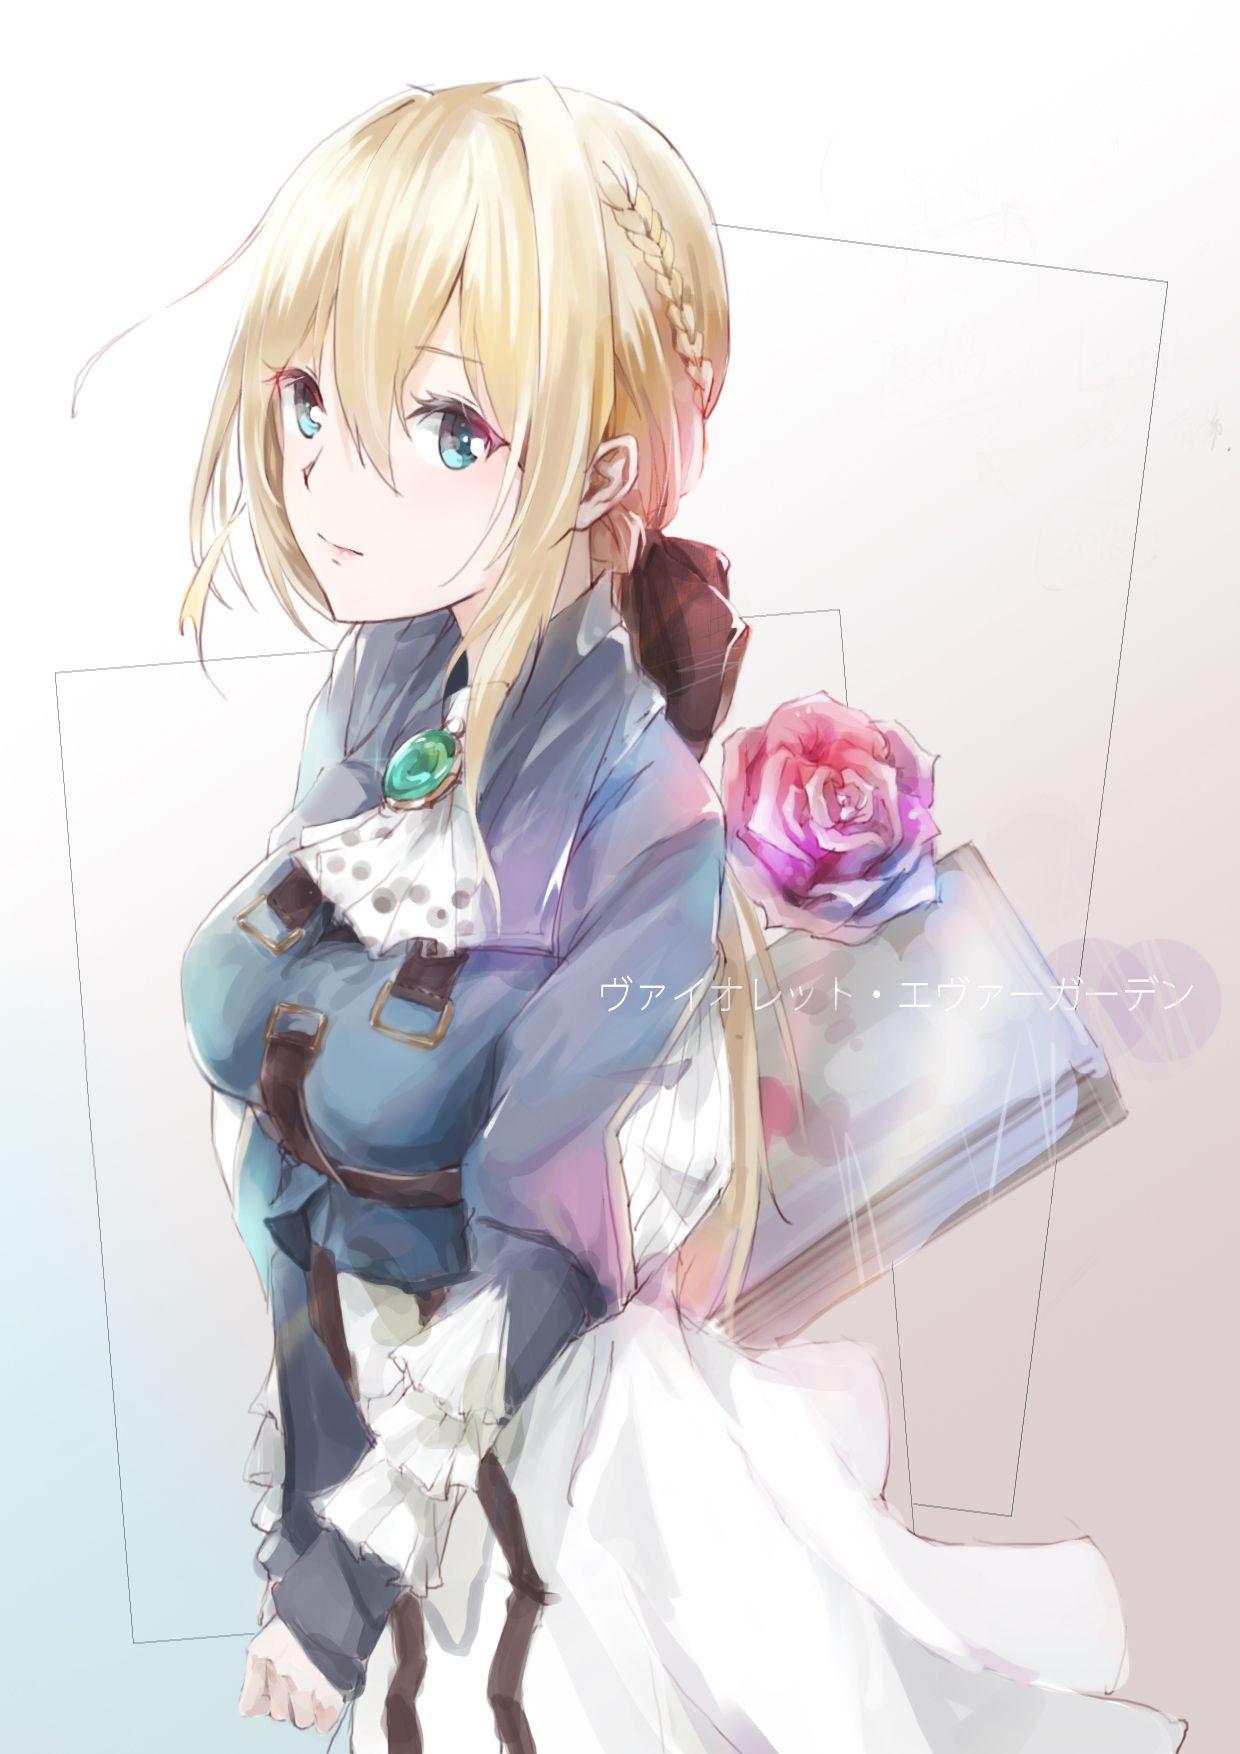 herunterladen hintergrundbild violett evergarden weinen manga